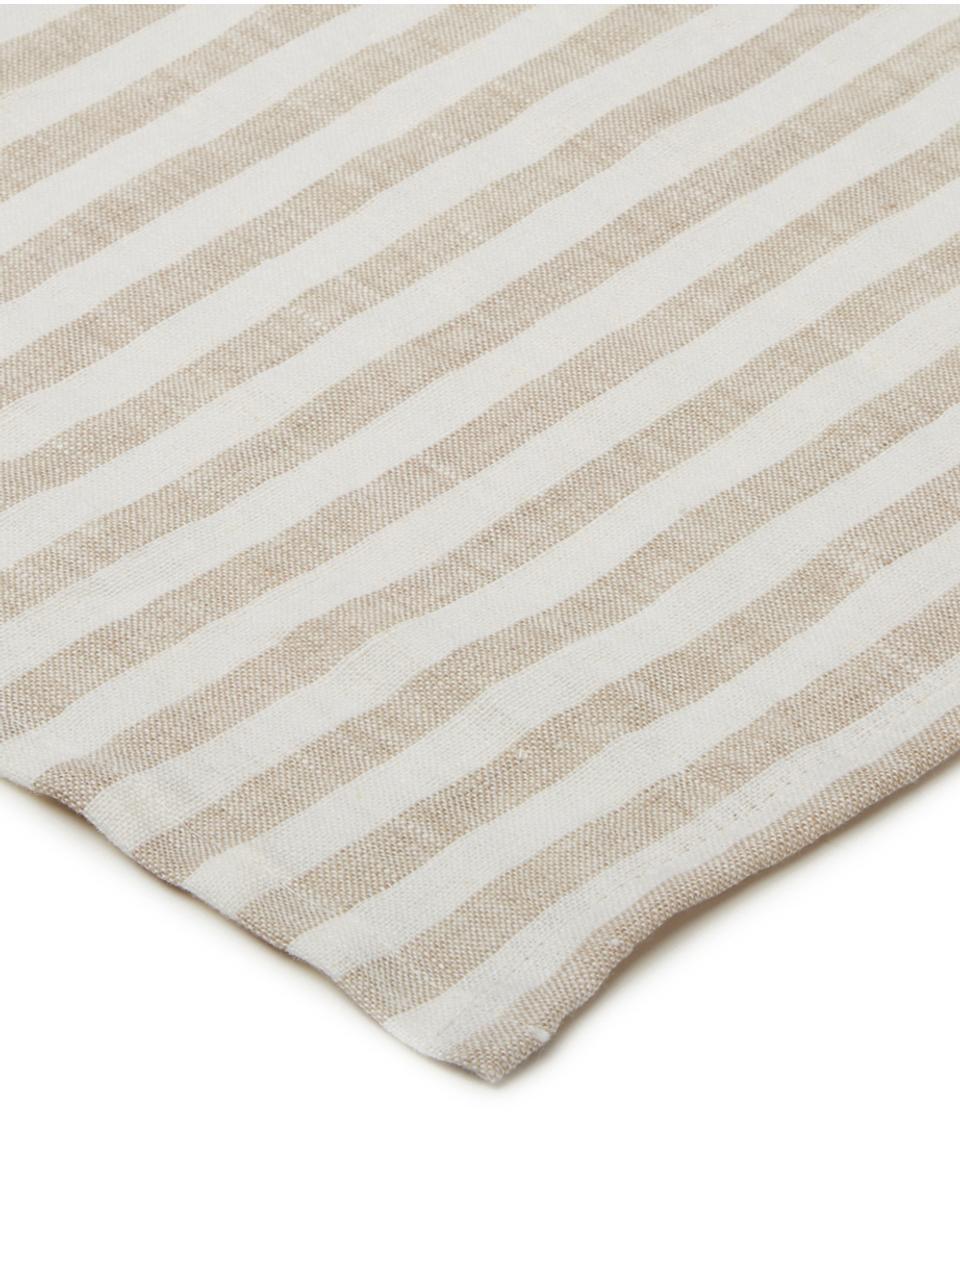 Tovagliolo in lino Solami 6 pz, Lino, Beige, bianco, Larg. 46 x Lung. 46 cm